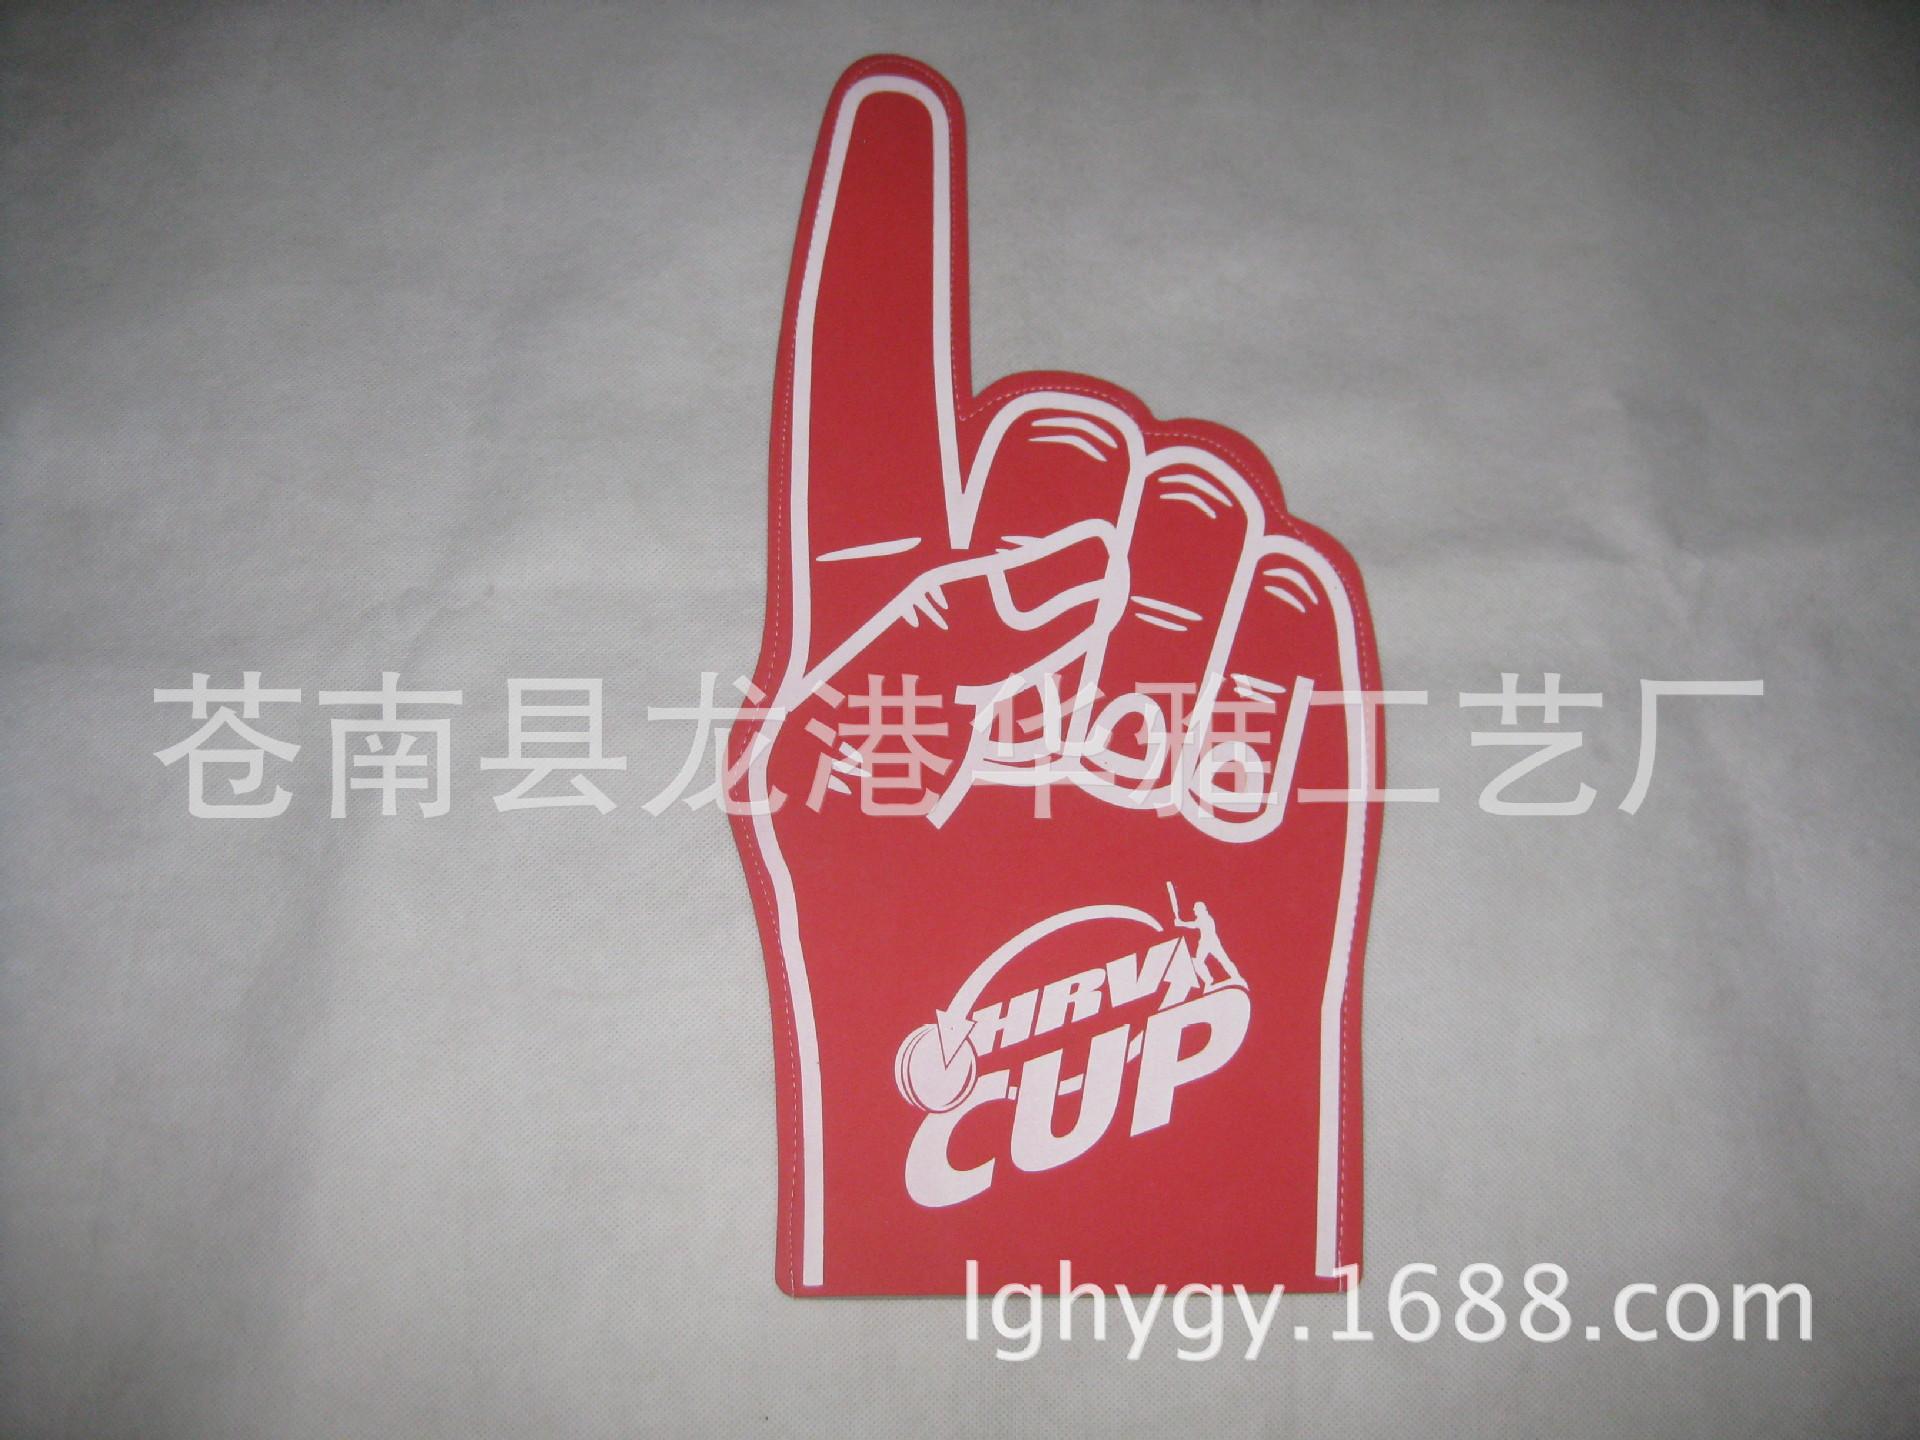 供应手套-手套采购EVA厂家,一次性图纸,广手套下载钳a手套图片